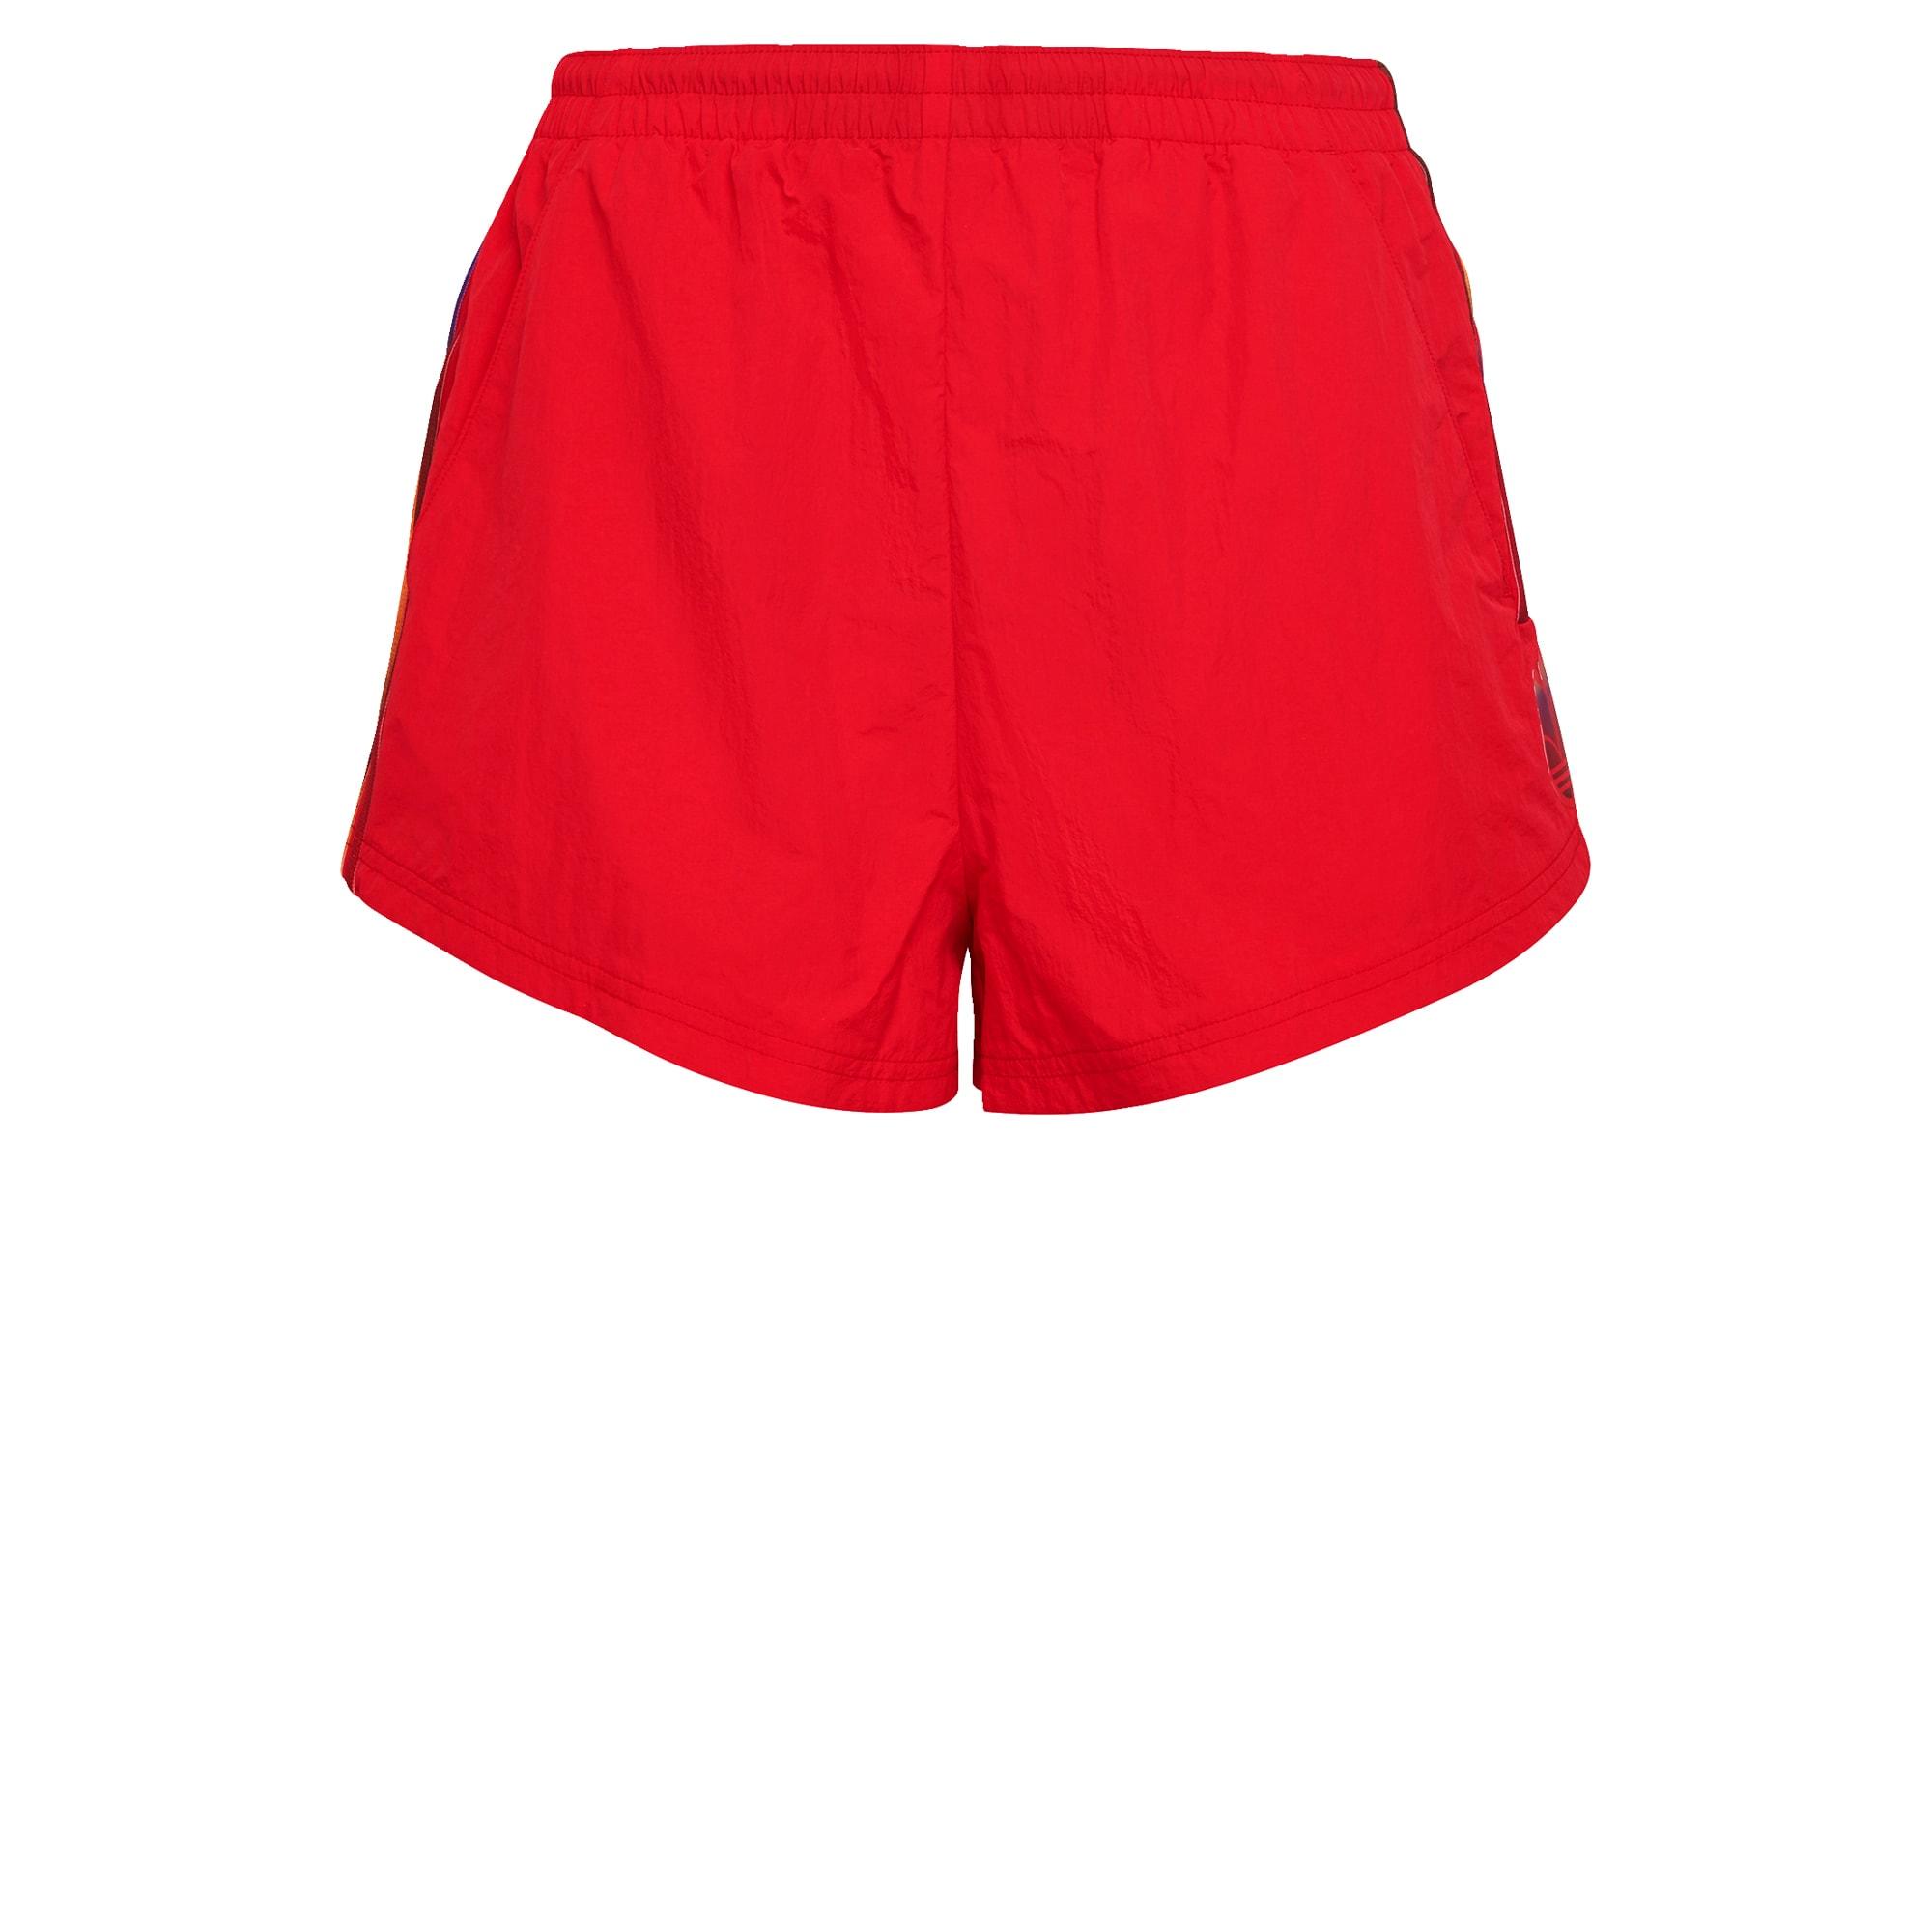 ADIDAS ORIGINALS Kelnės ryškiai raudona